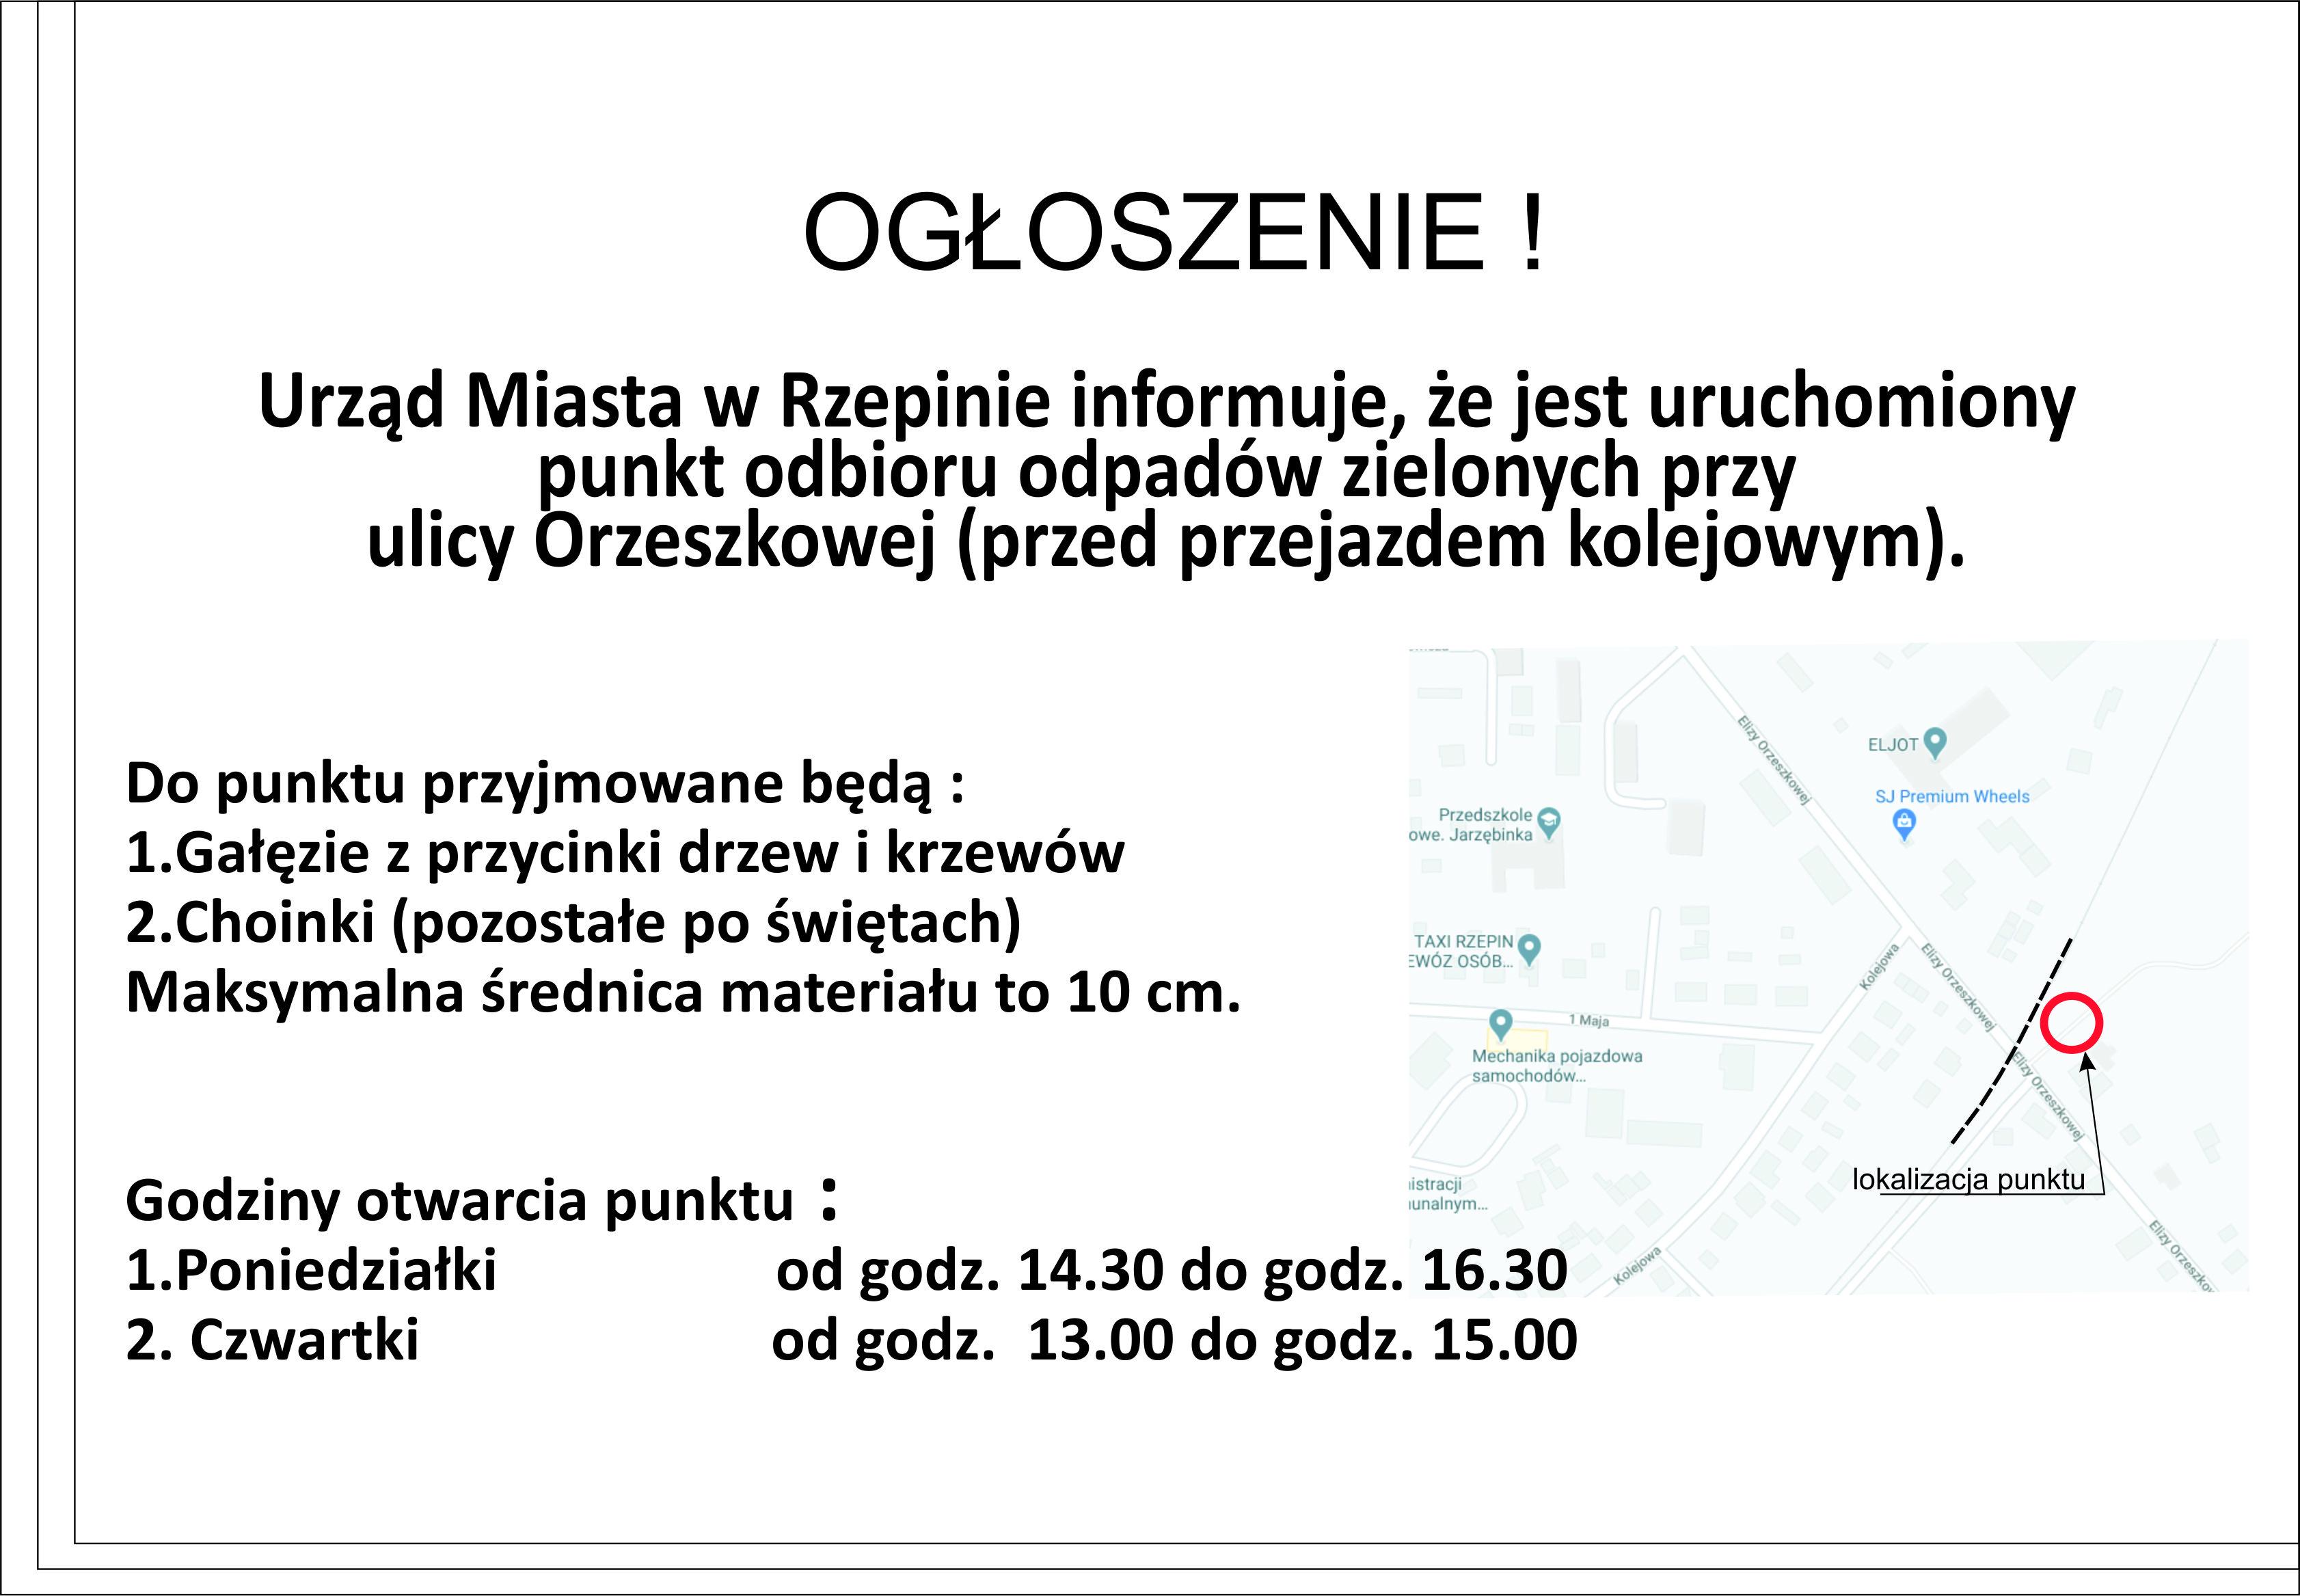 Ilustracja do informacji: Ogłoszenie!! Uruchomiony został punkt odbioru odpadów zielonych przy ulicy Orzeszkowej